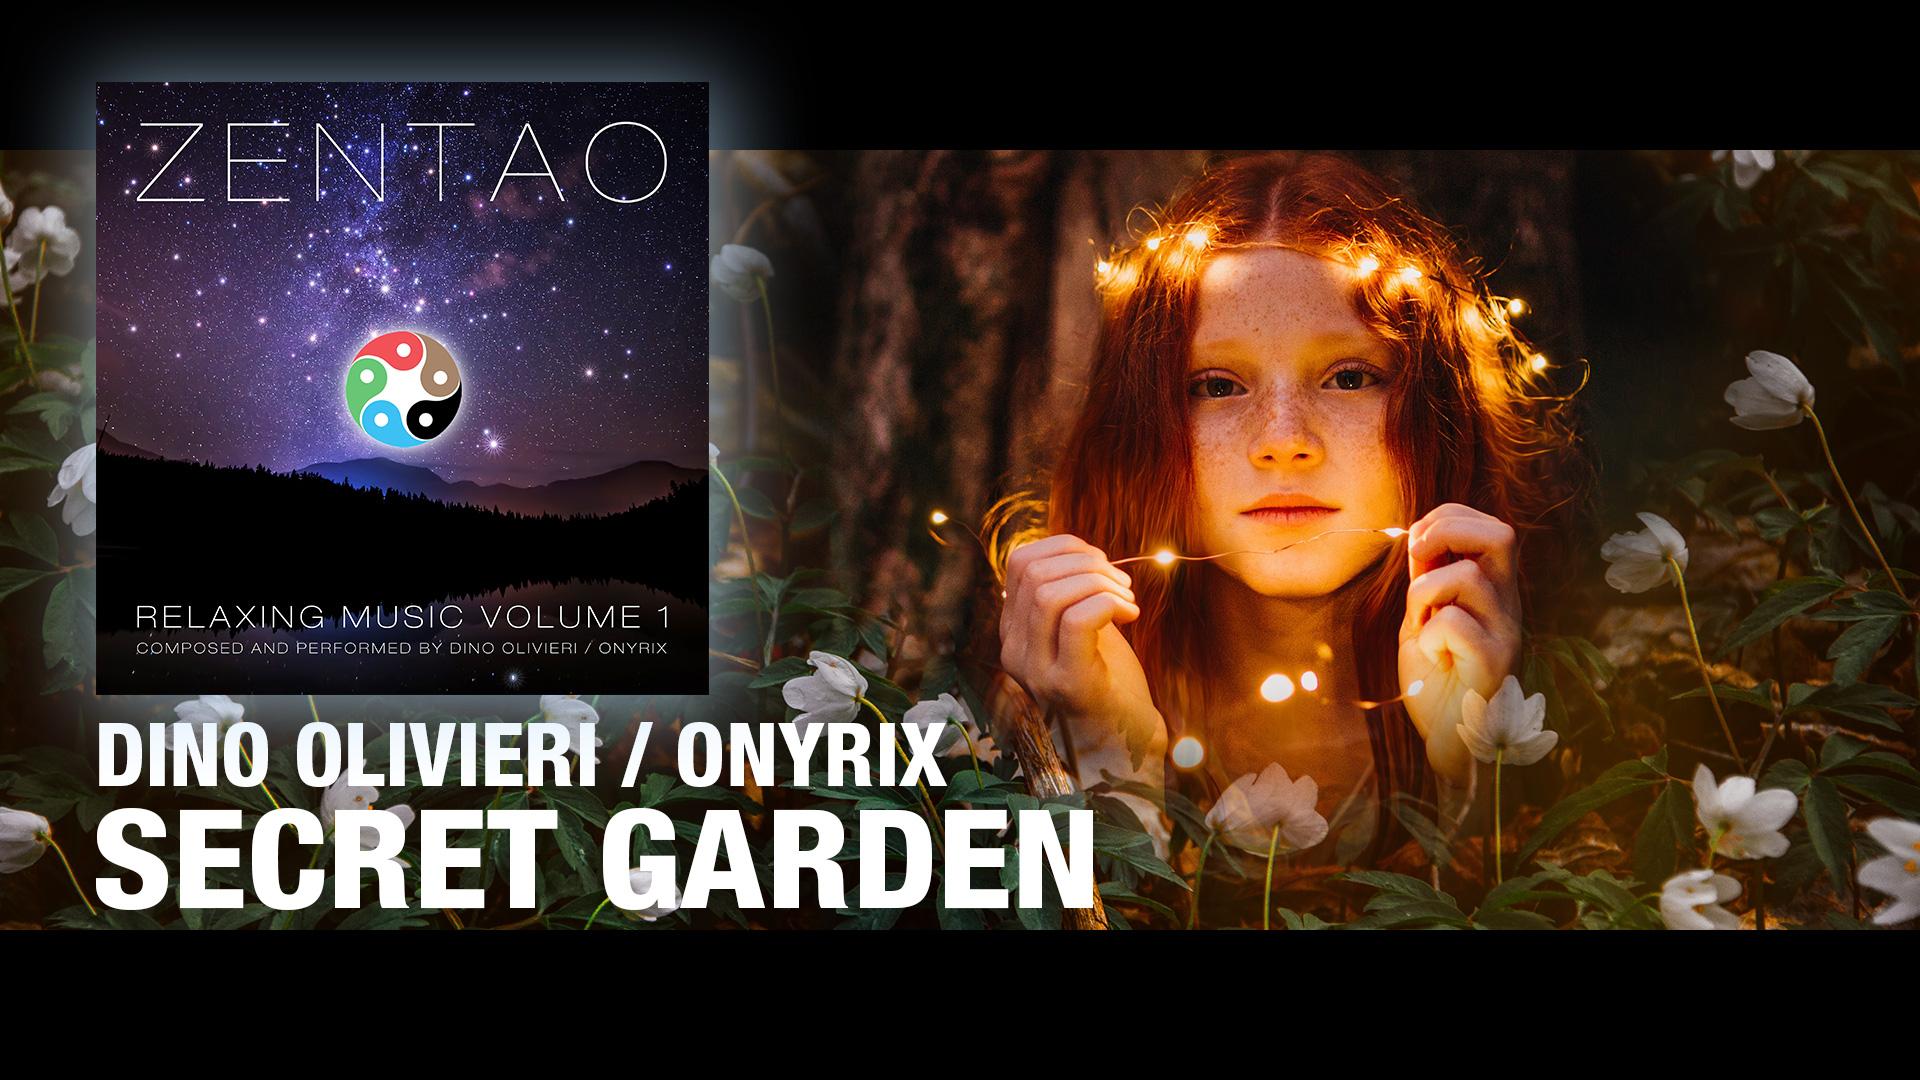 Secret Garden - ZENTAO Relaxing Music Volume 1 by Dino Olivieri